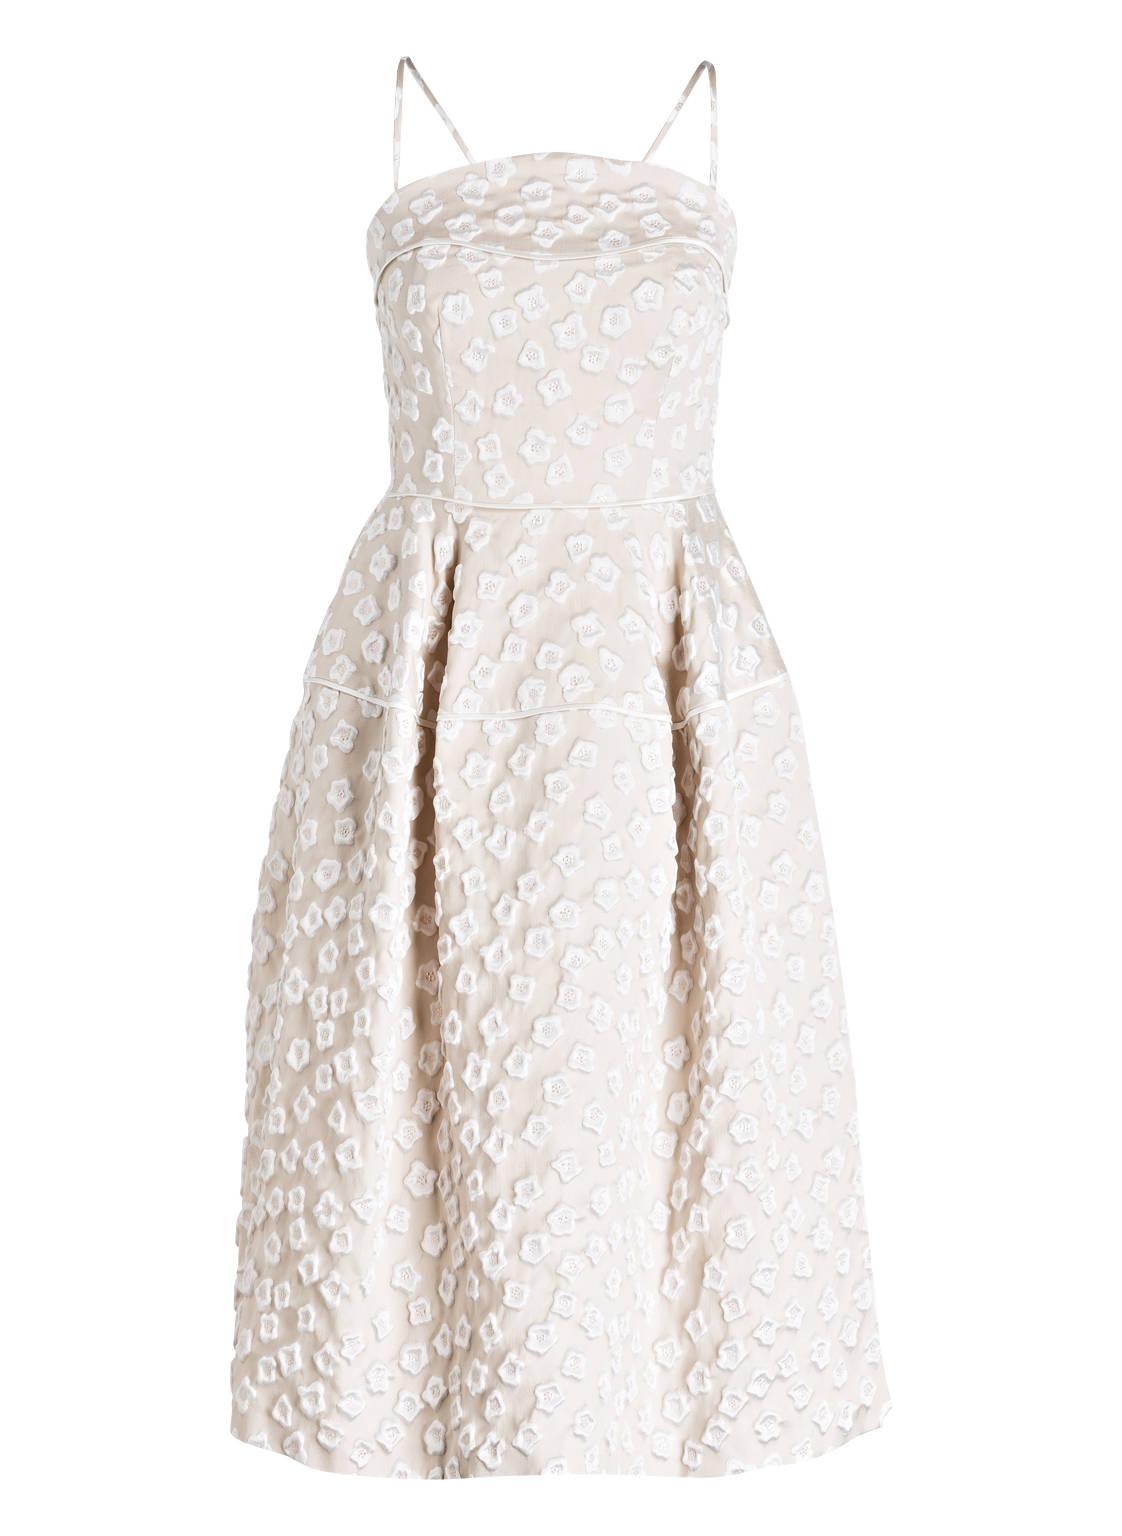 Artikel klicken und genauer betrachten! - Für vornehme Ladys ist dieses elegante Kleid LORBEER1 von TALBOT RUNHOF wie gemacht! Die aufgestickten Blüten mit Glanz-Effekt sorgen für eine dekorative Optik. Ein satter Schimmer veredelt das Modell. Auf dieses Fashion-Juwel möchten Sie nicht verzichten! Details: Taillierter Schnitt. Bustier mit Gummi. Schließt mit nahtfeinem Reißverschluss auf der Rückseite. Blütenstickerei mit Glanzeffekt. Gefüttert. Maße bei Größe 36: Gesamtlänge ab Schulter: 112 cm. Brustweite: 88 cm. Taillenweite: 68 cm. | im Online Shop kaufen